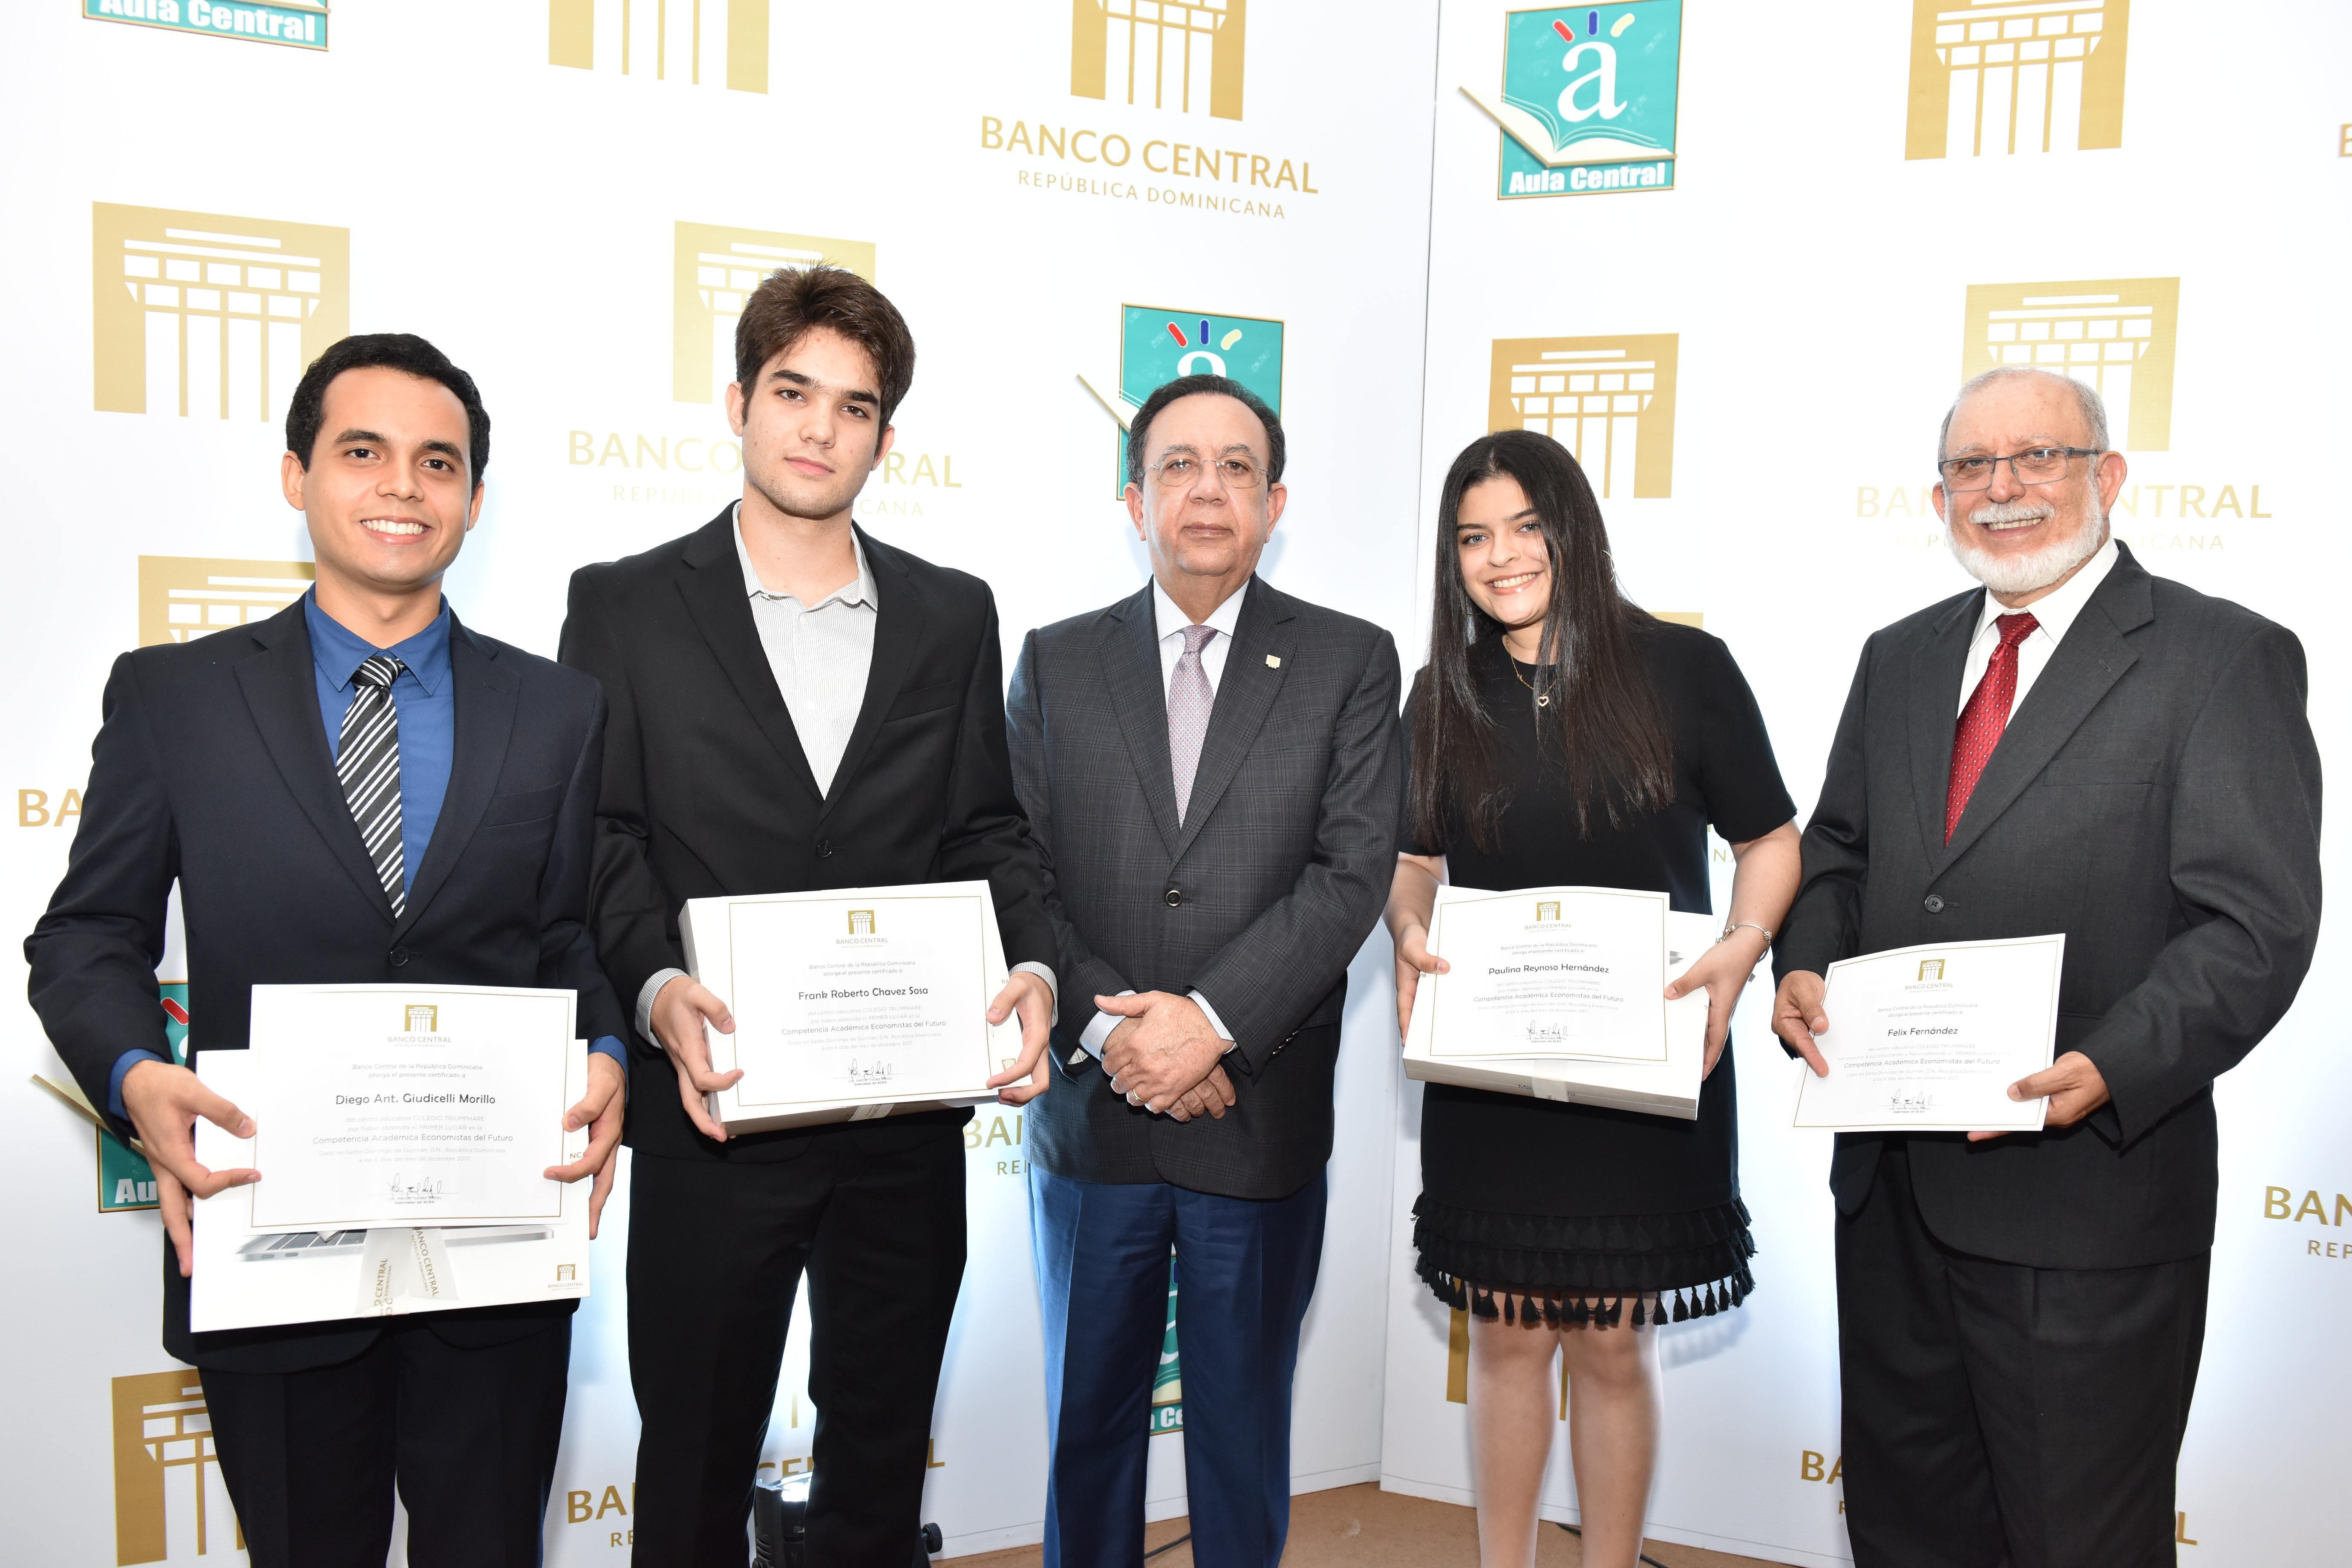 Banco Central premia a jóvenes ' Economistas del Futuro '